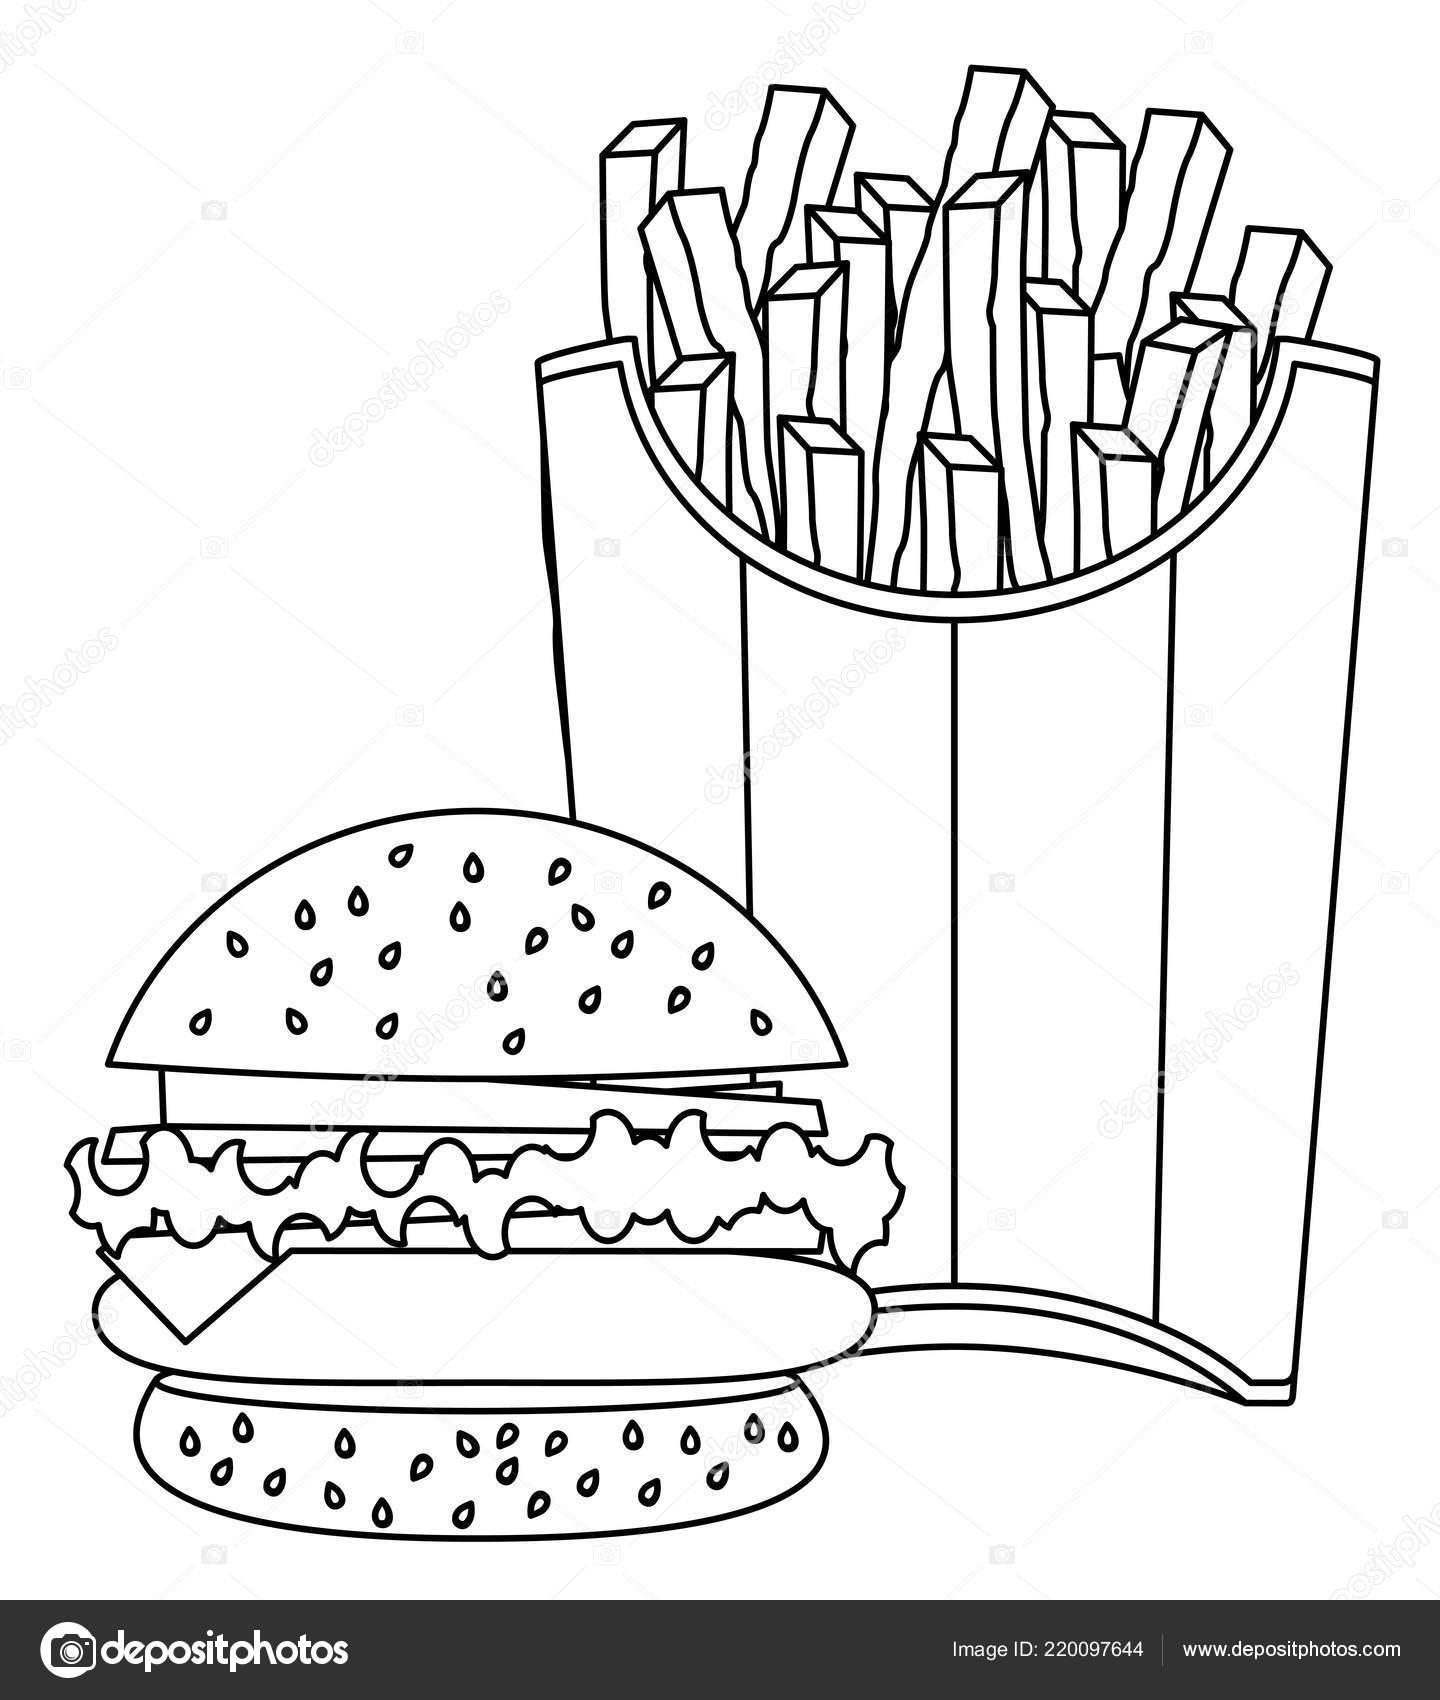 Hamburger French Fries Drawing Vector Eps Stock Vector